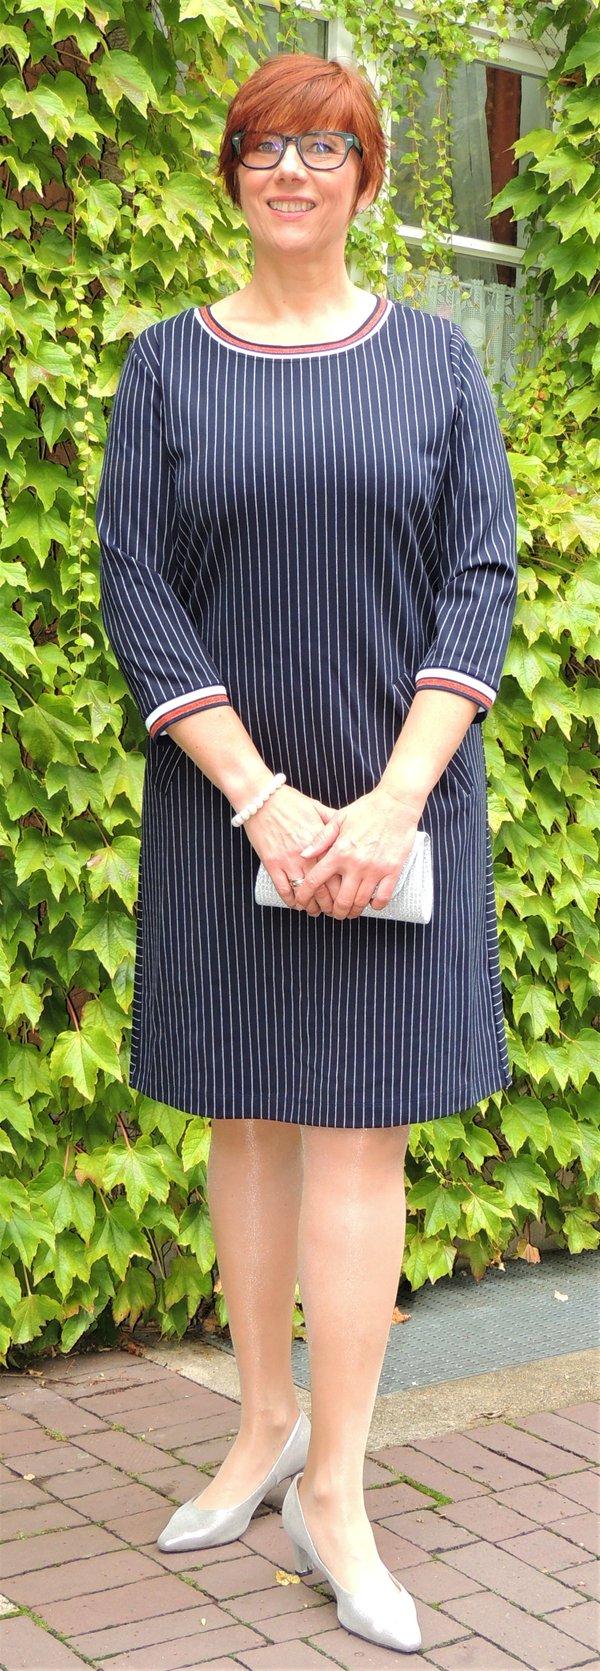 Kleid Via Appia, bequem geschnitten